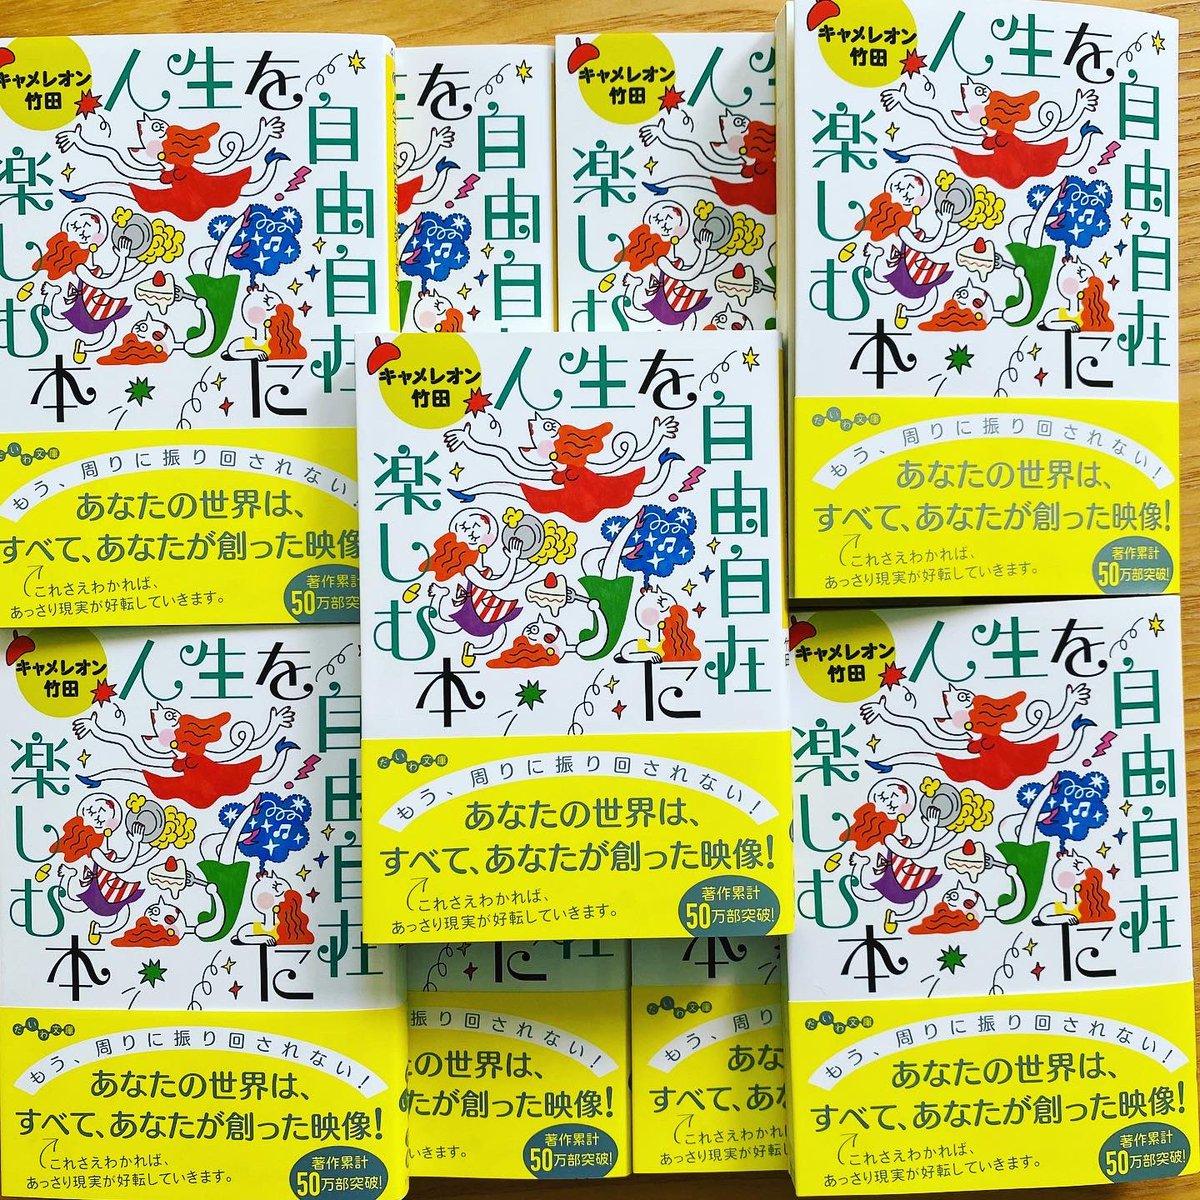 人生を自由自在に楽しむ本の見本があがりました‼️発売は、8月8日‼️あと、おおぽち先生を、今シャンプーしましま。#キャメレオン竹田 #人生を自由自在に楽しむ本 #だいわ文庫 #おおぽち先生